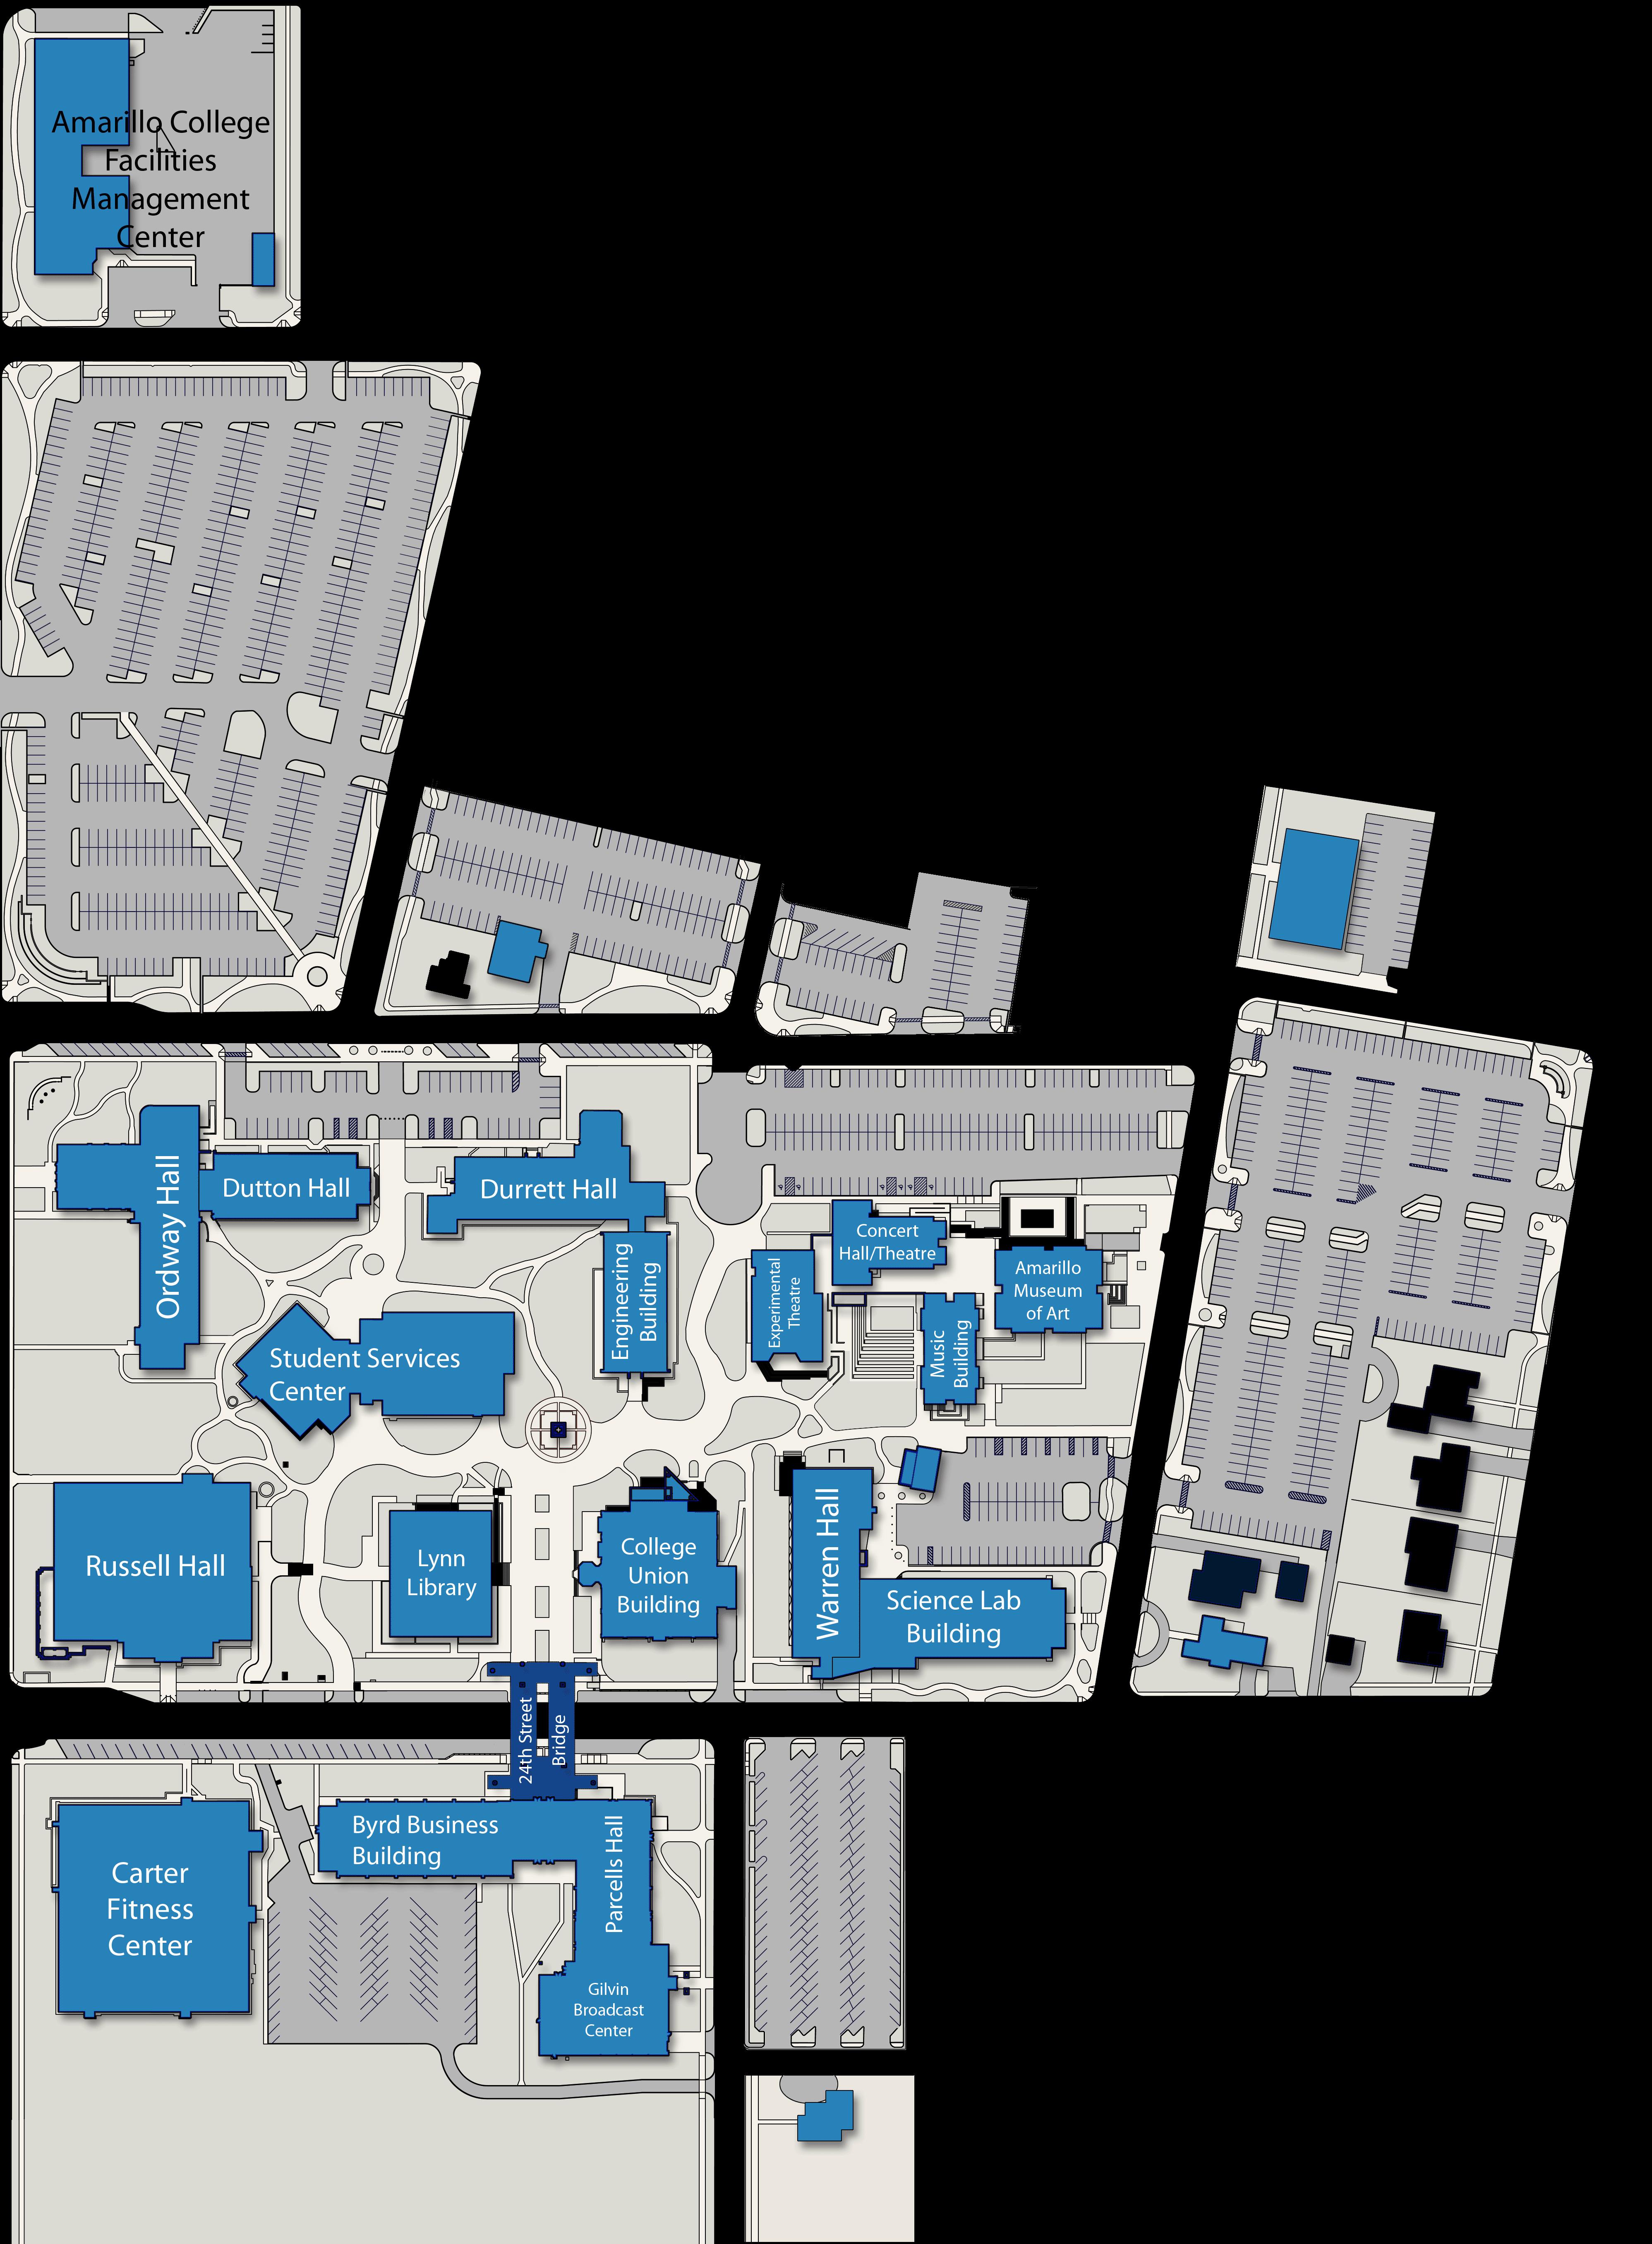 Amarillo College Campus Maps